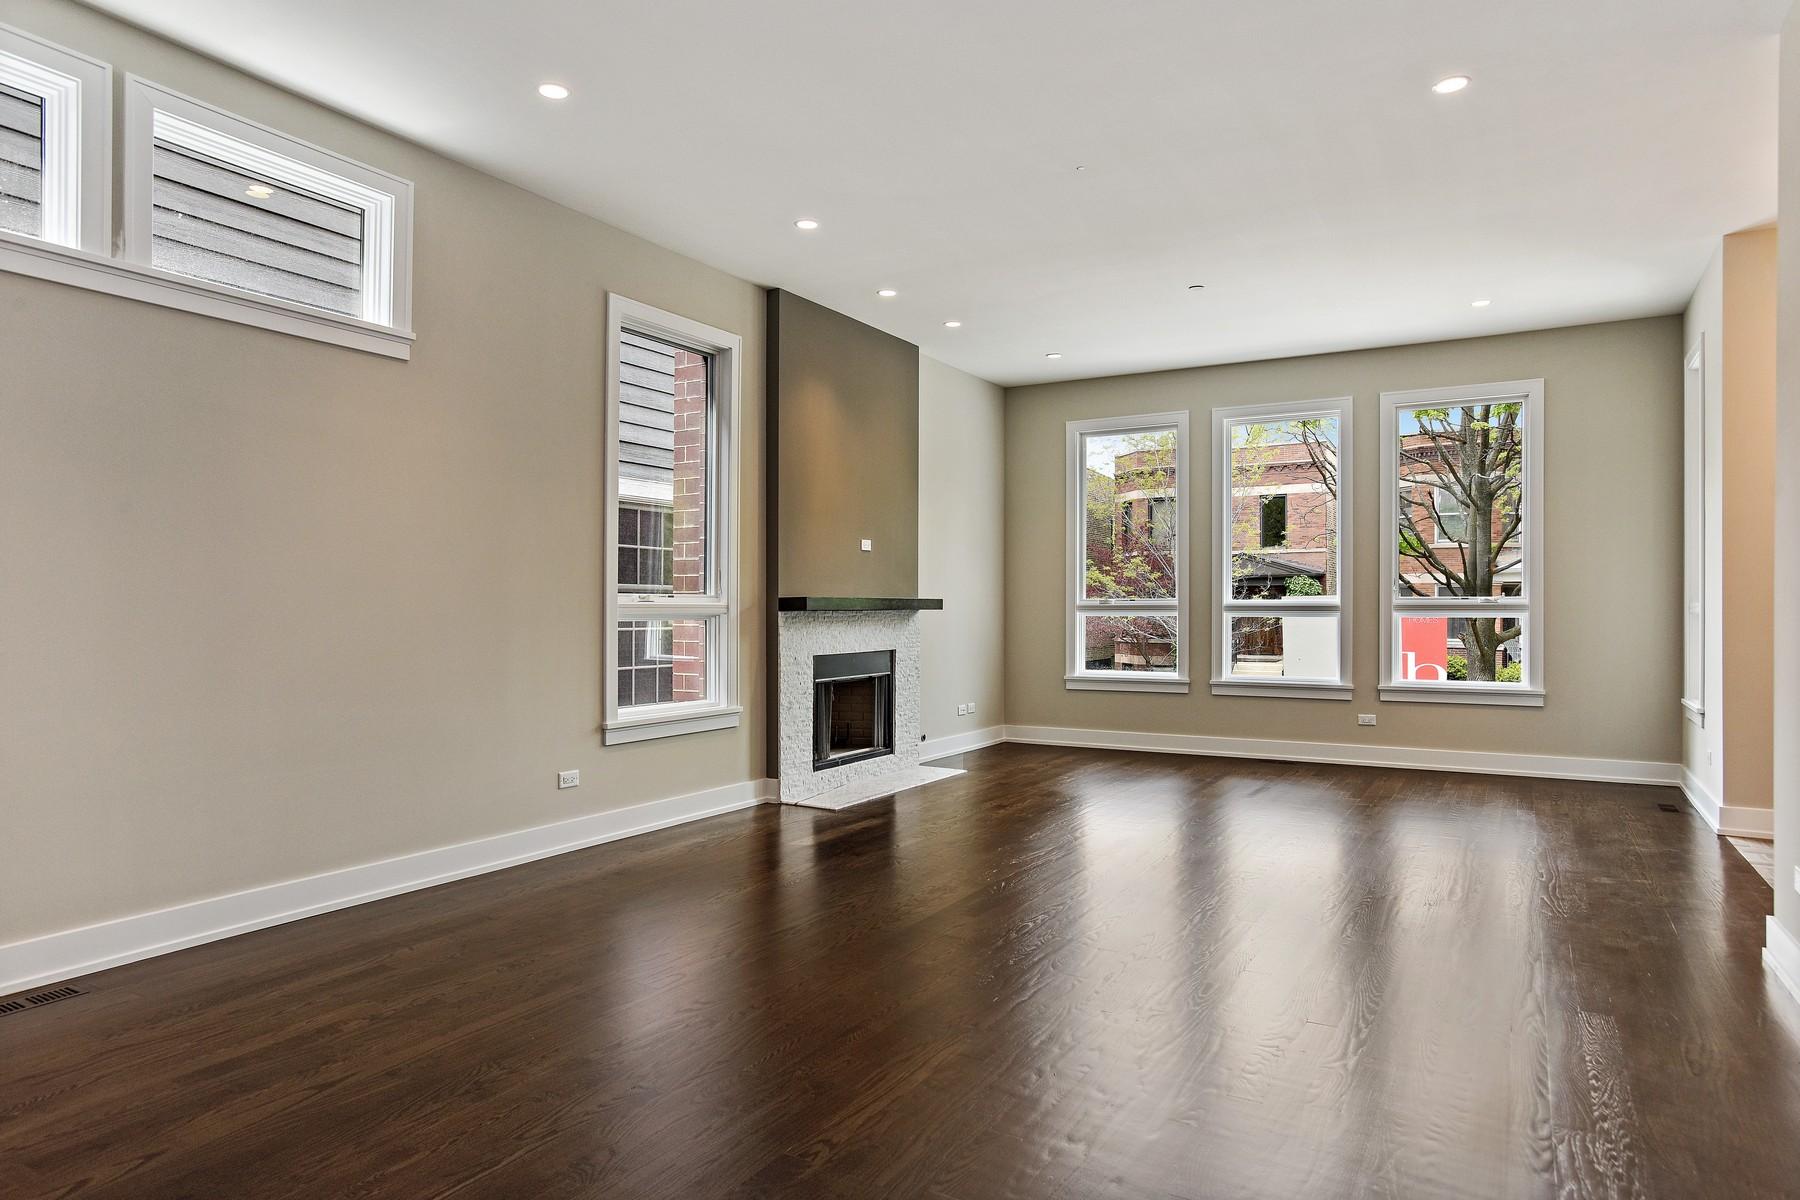 Maison unifamiliale pour l Vente à Absolutely Stunning! 3825 N Claremont Avenue North Center, Chicago, Illinois 60618 États-Unis